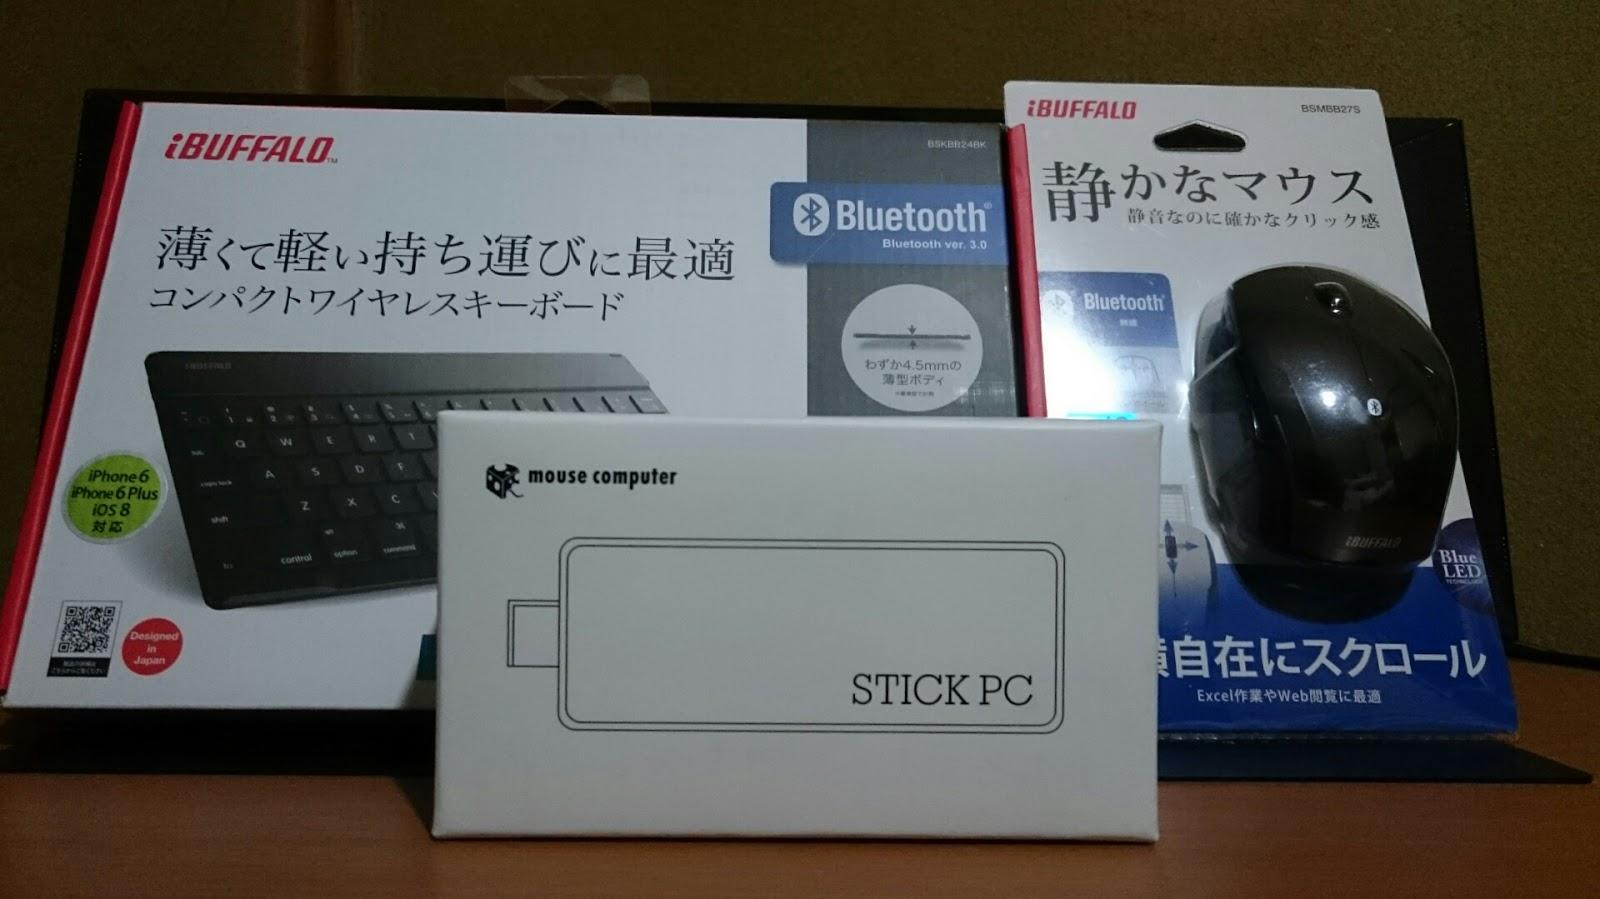 マウスコンピューターのスティックPC(MS-NH1-W10)の箱の後ろにとバッファローのBluetooth対応のキーボード(BSKBB24BK)とマウス(BSMBB27S)の箱がある